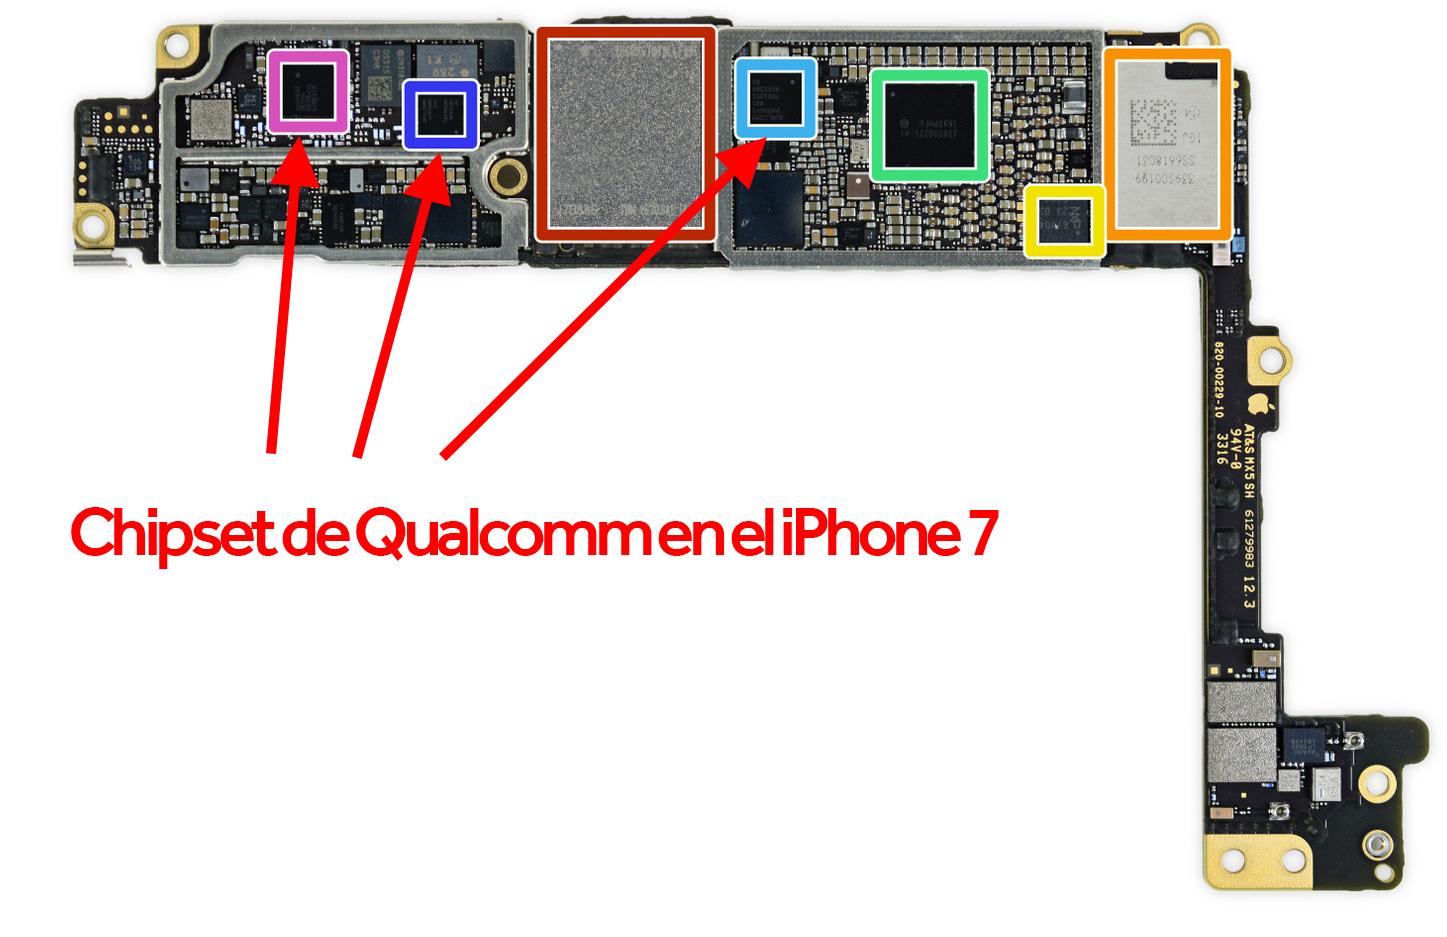 Chips de Qualcomm en el iPhone 7